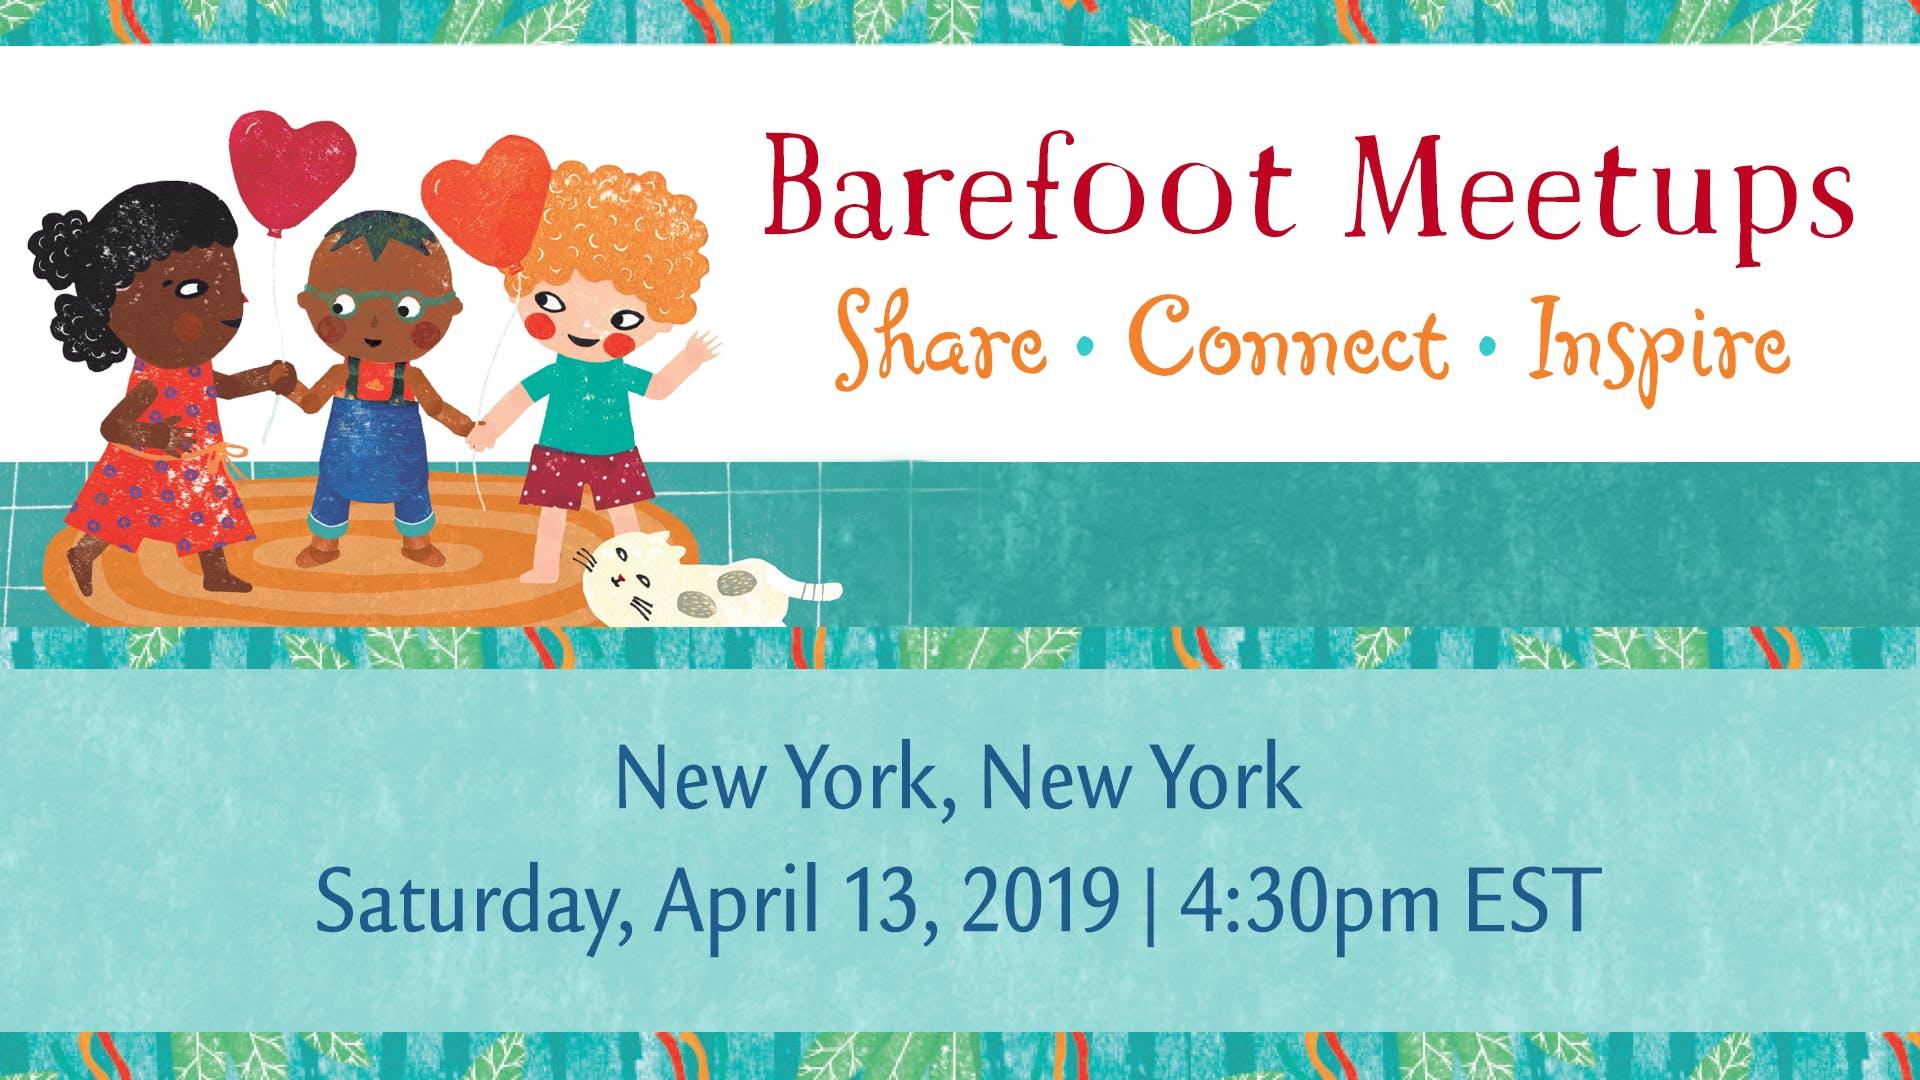 Barefoot Meetup: New York City - 13 APR 2019